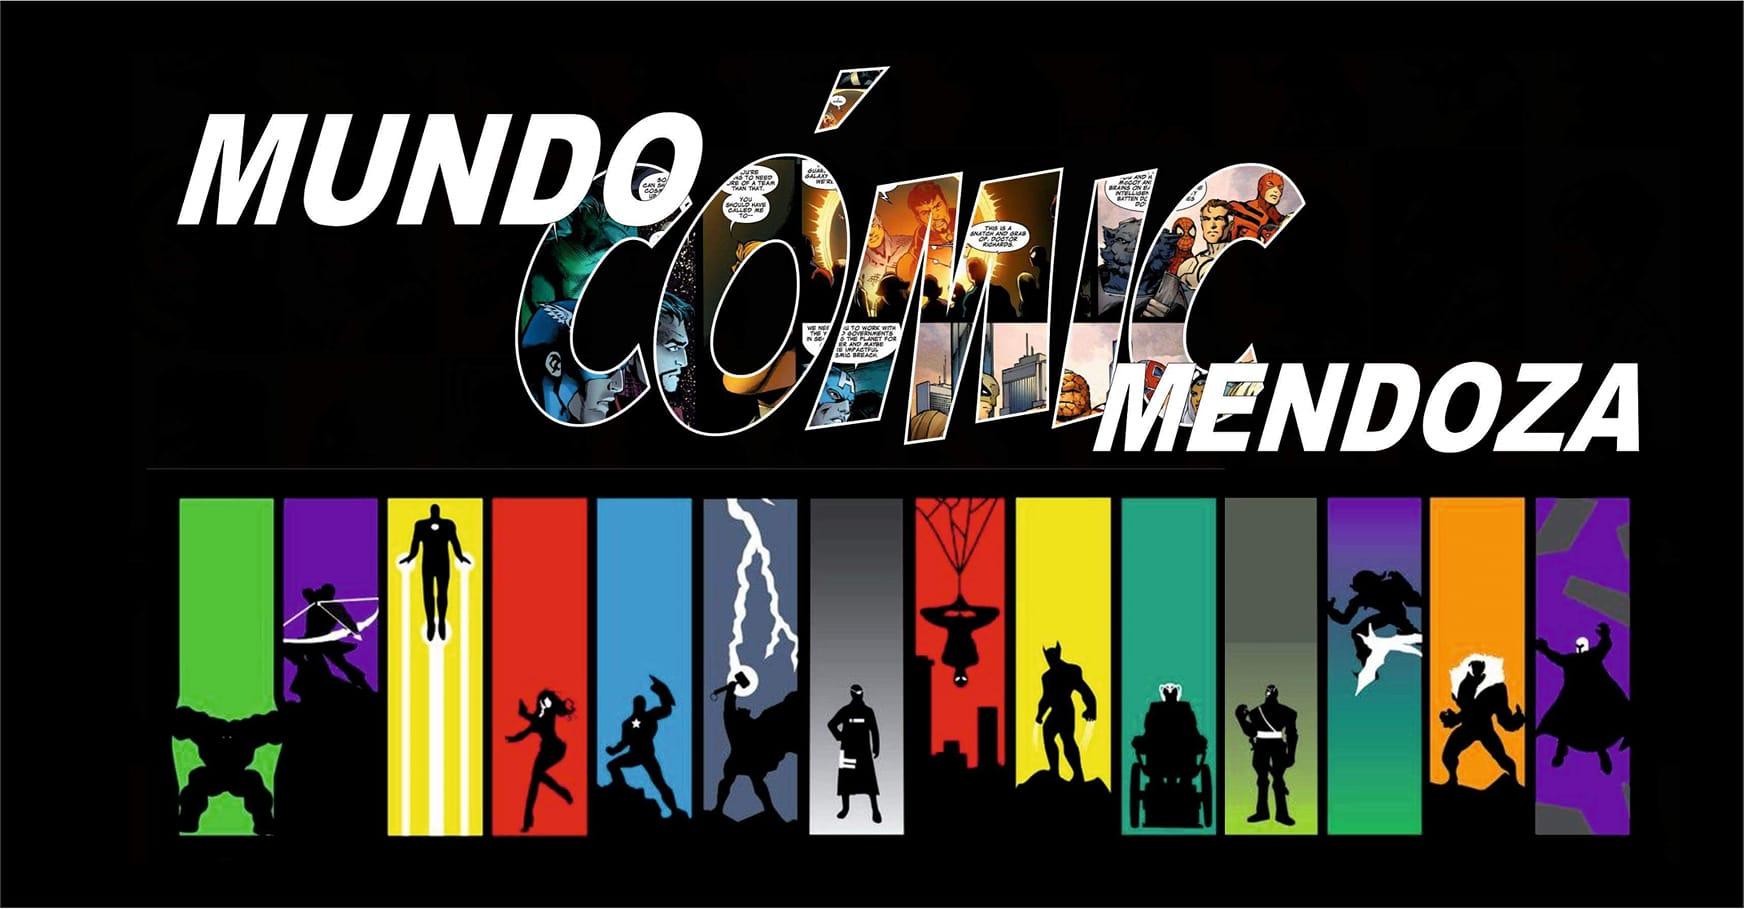 mundo comic